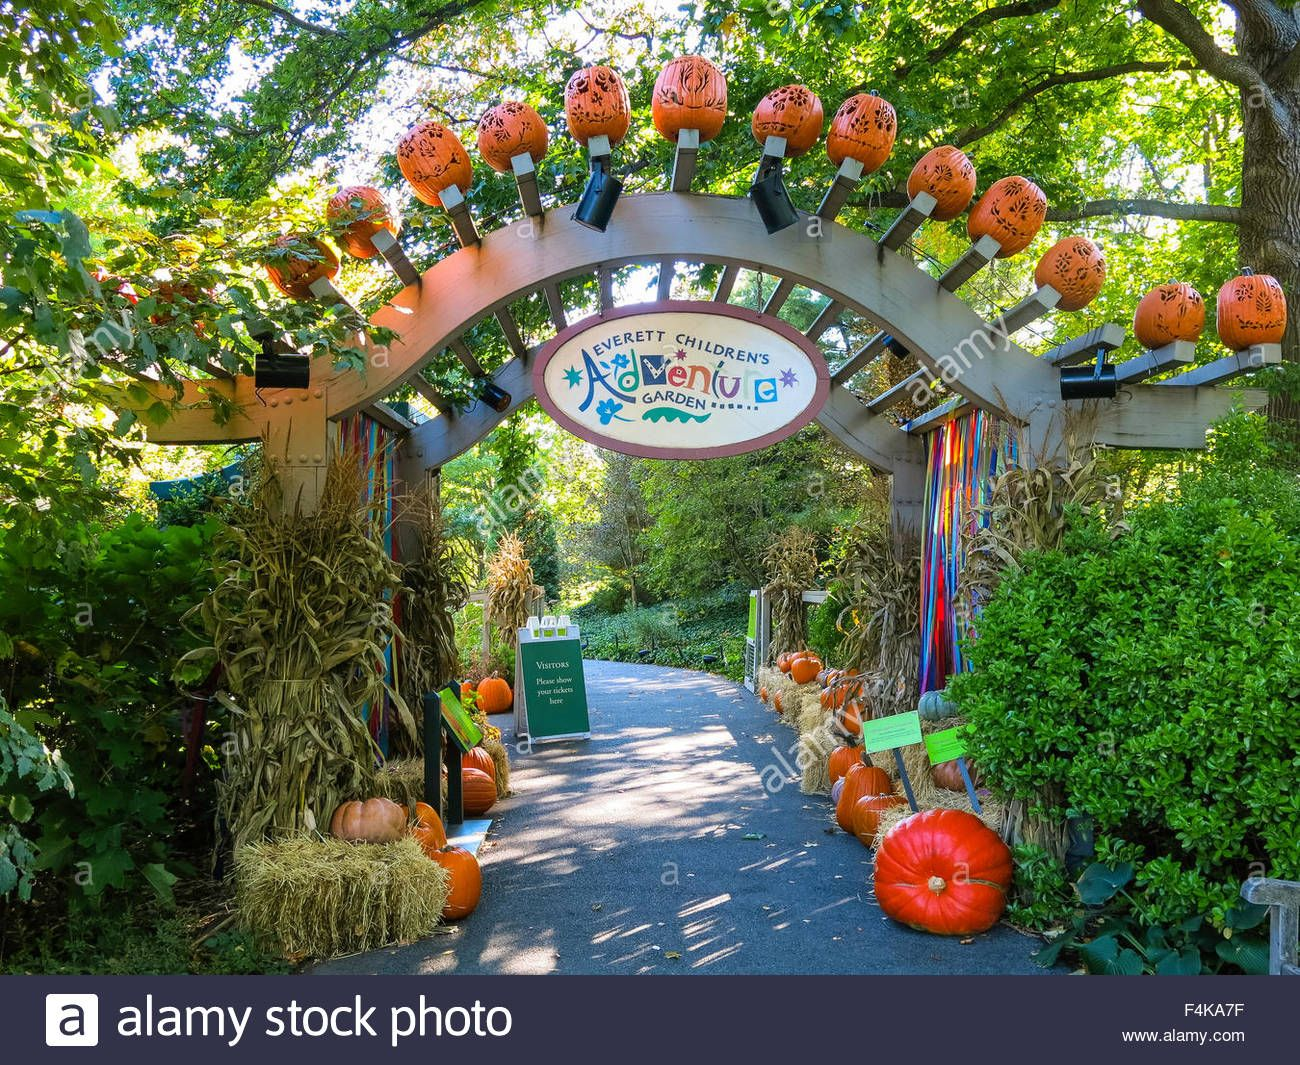 a1841889ad95944a34d130cb10133972 - Restaurants Near The Botanical Gardens Bronx Ny